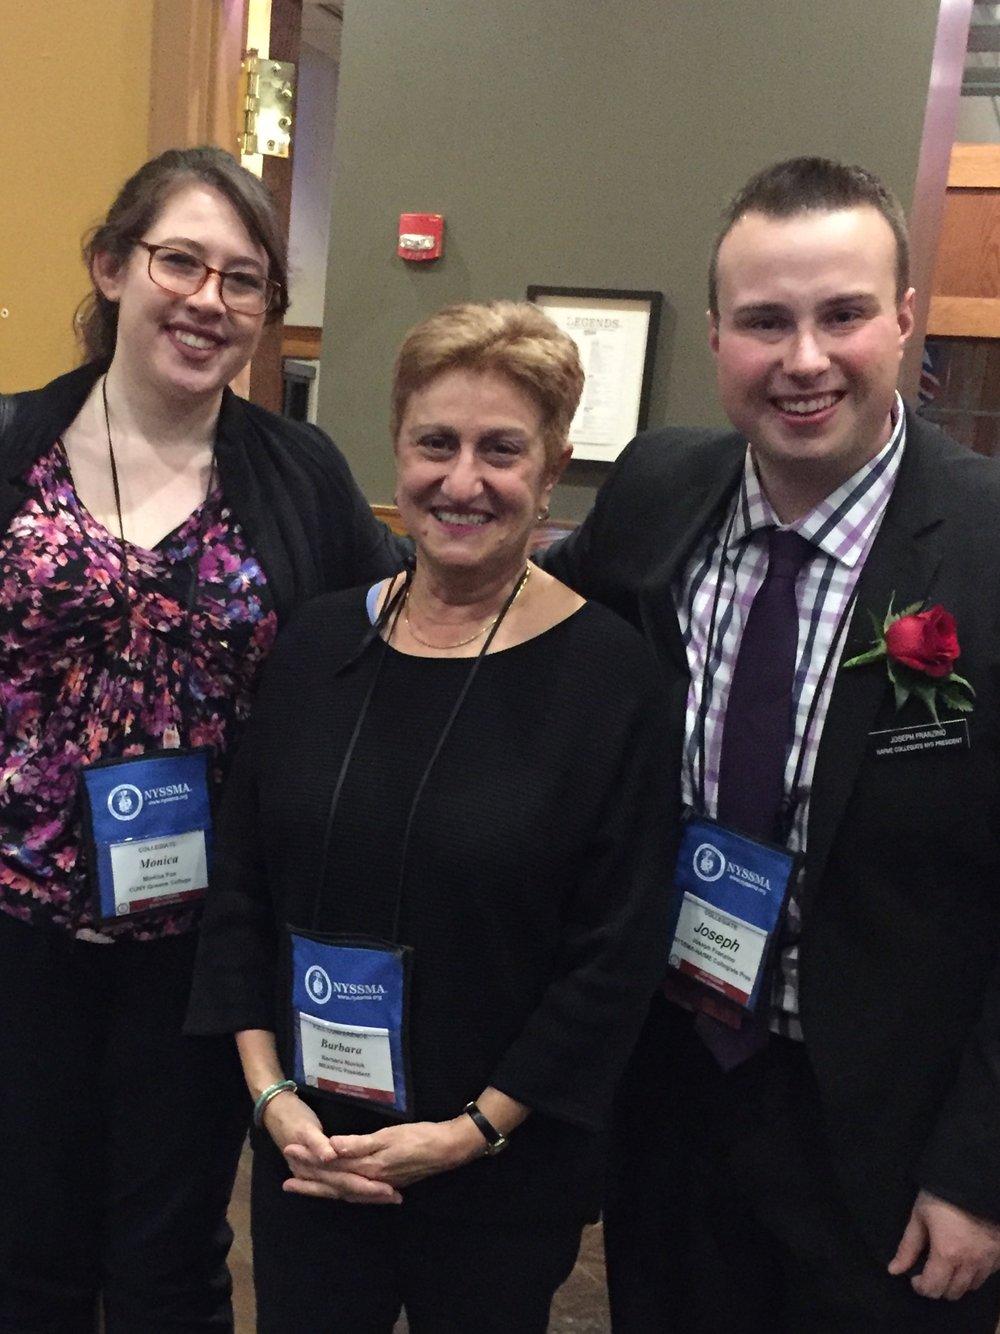 Monica Fox-NAfME/NYSSMA Province 6 Collegiate Representative, Barbara Novick-MEANYC President, and Joseph Franzino-NAfME/NYSSMA Collegiate President at Winter Conference 2016.